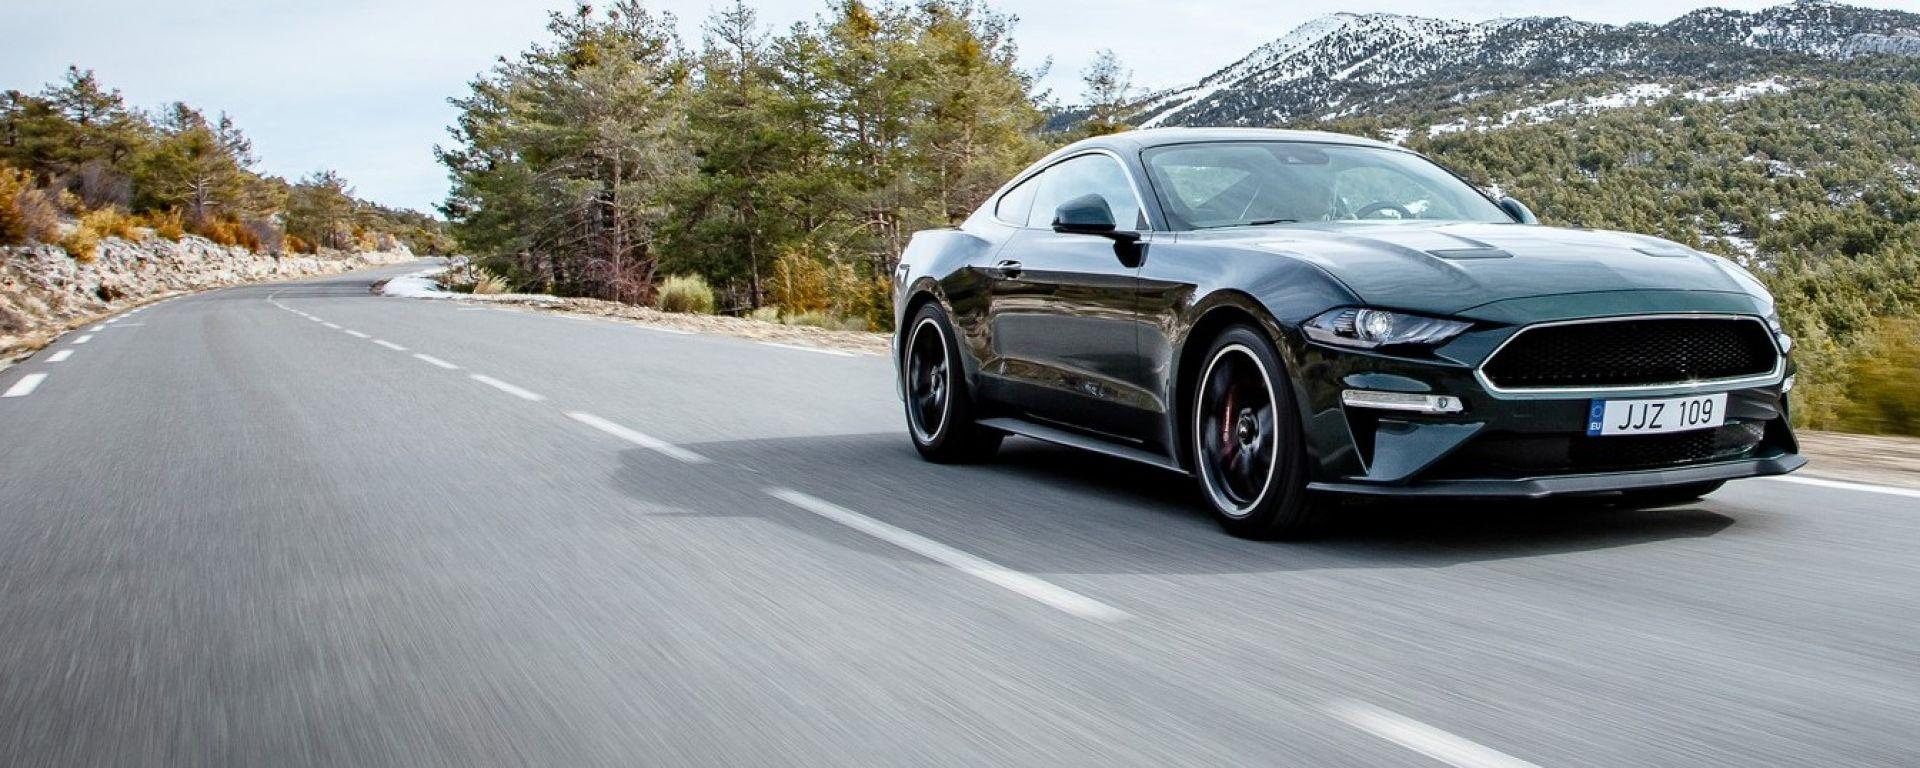 Ford Mustang, in arrivo la versione ibrida 4x4. E forse l'elettrica pura...